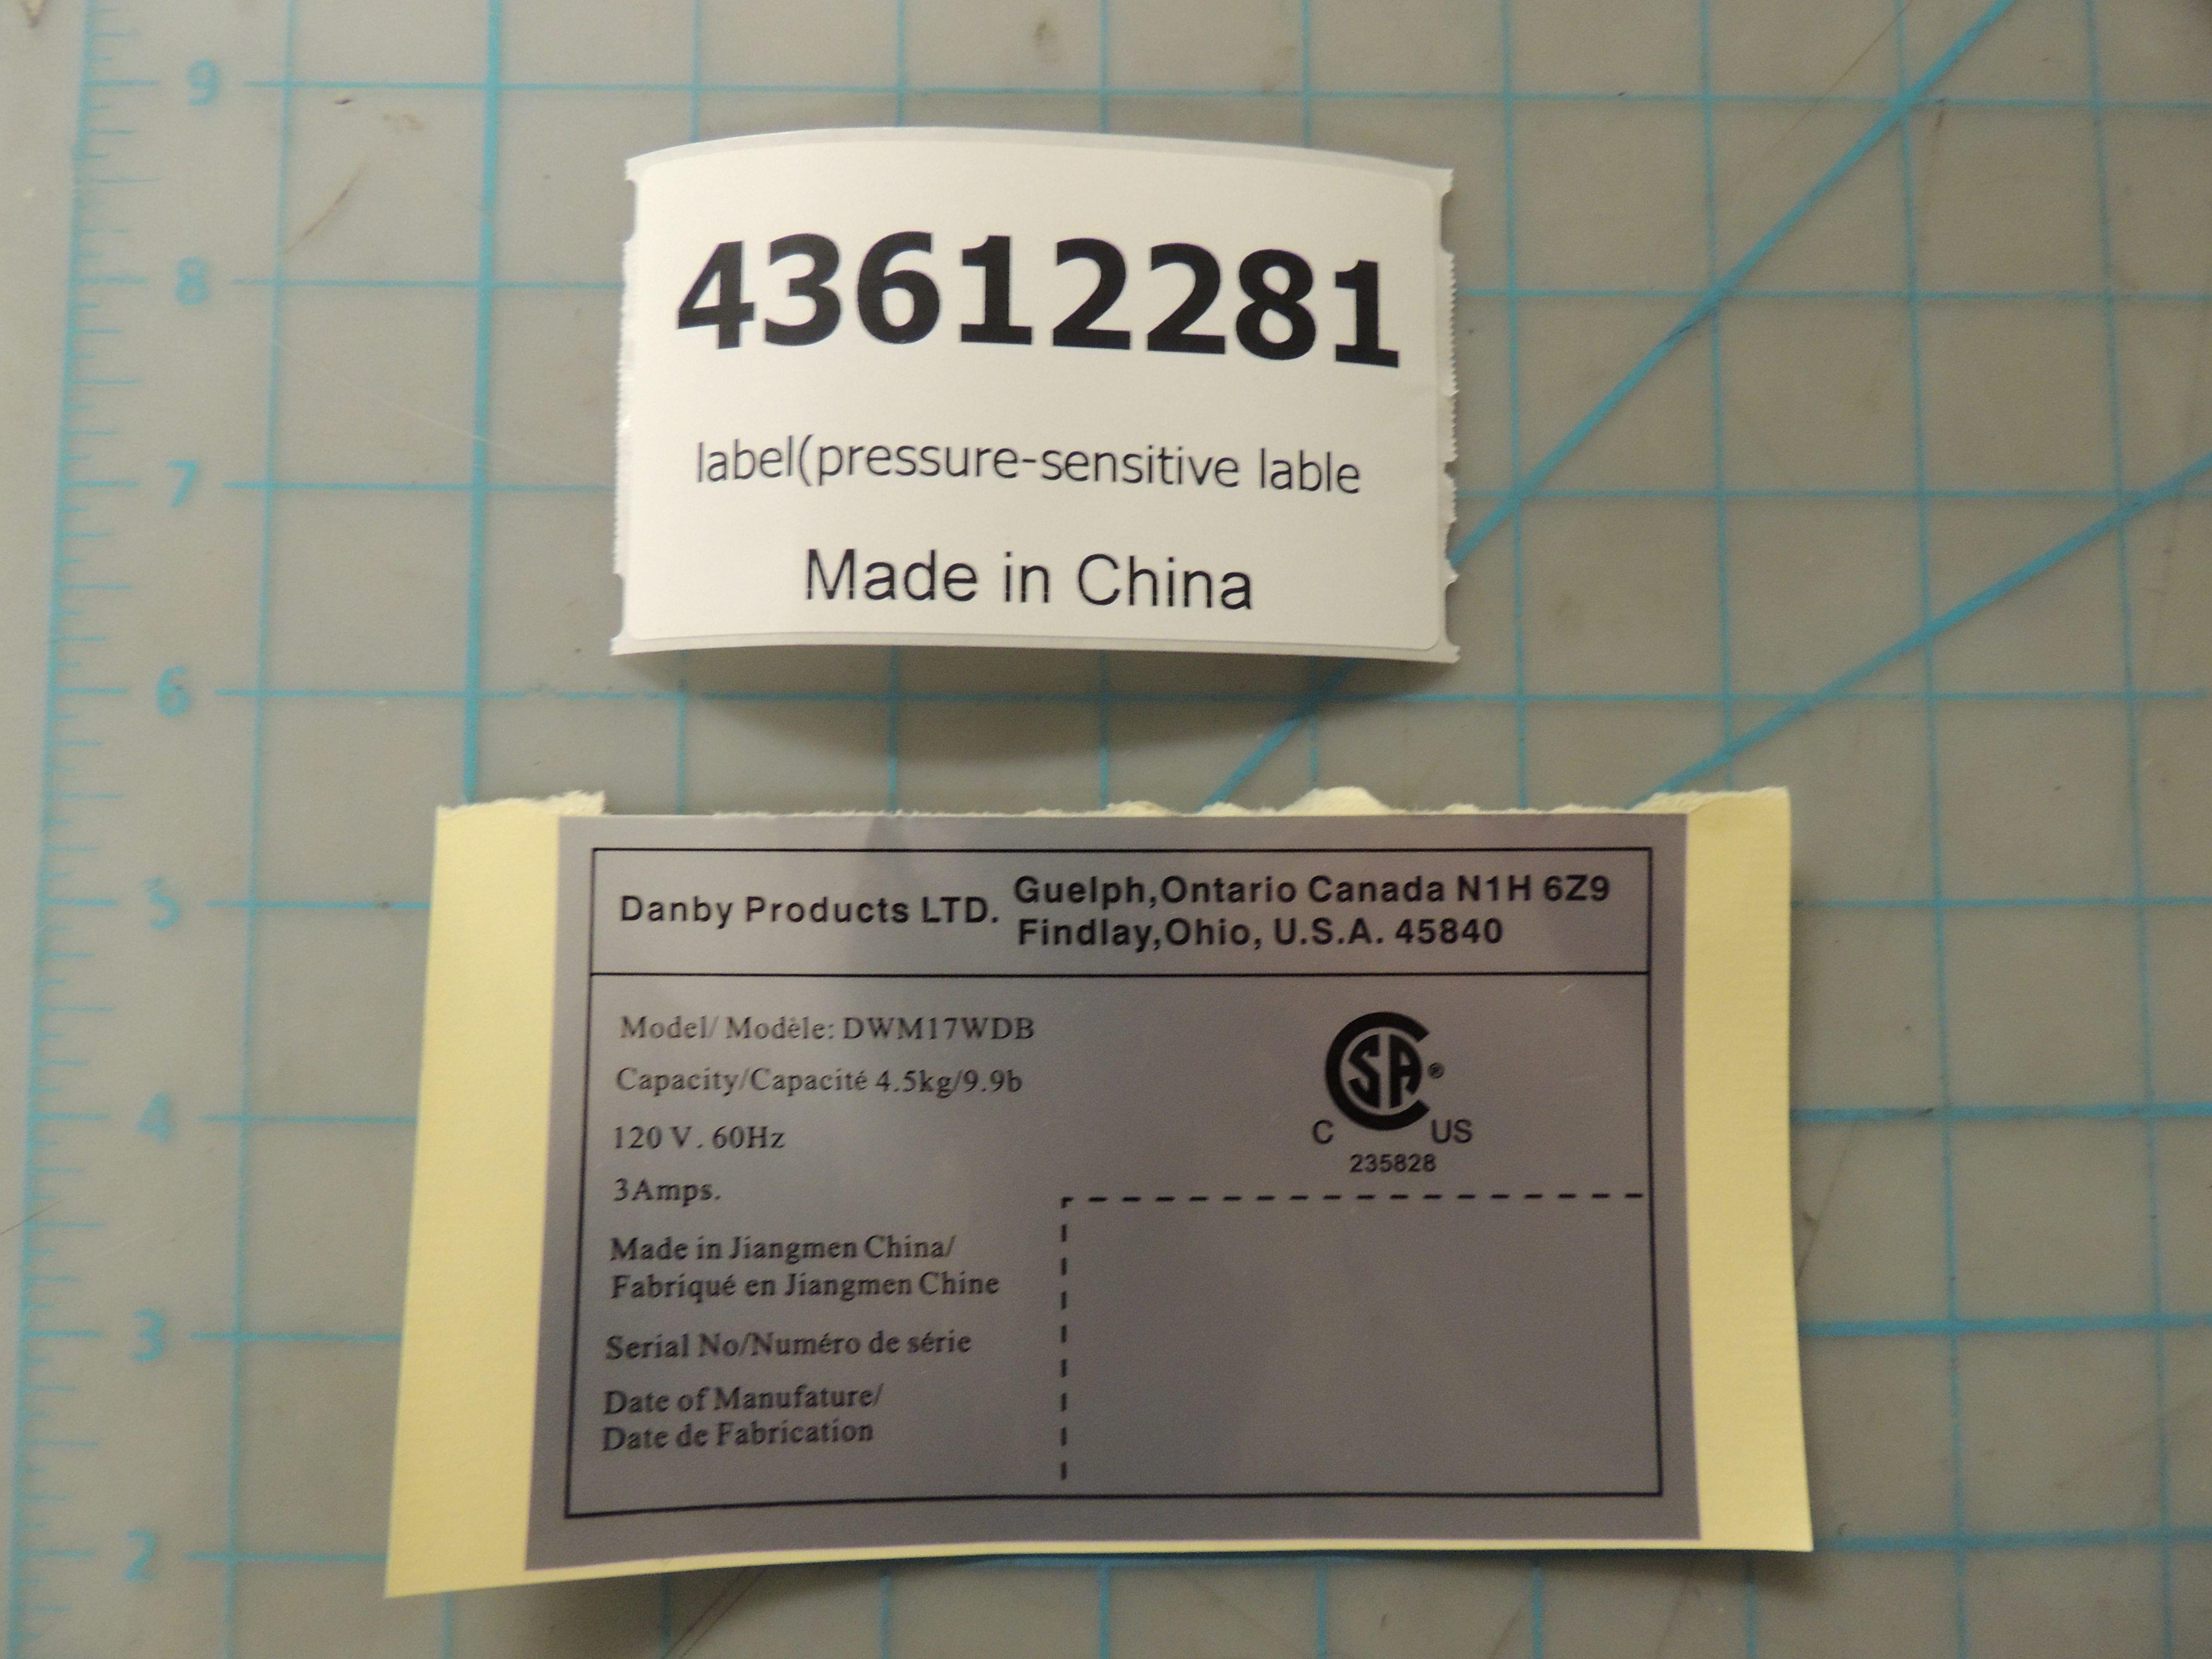 label(pressure-sensitive lable